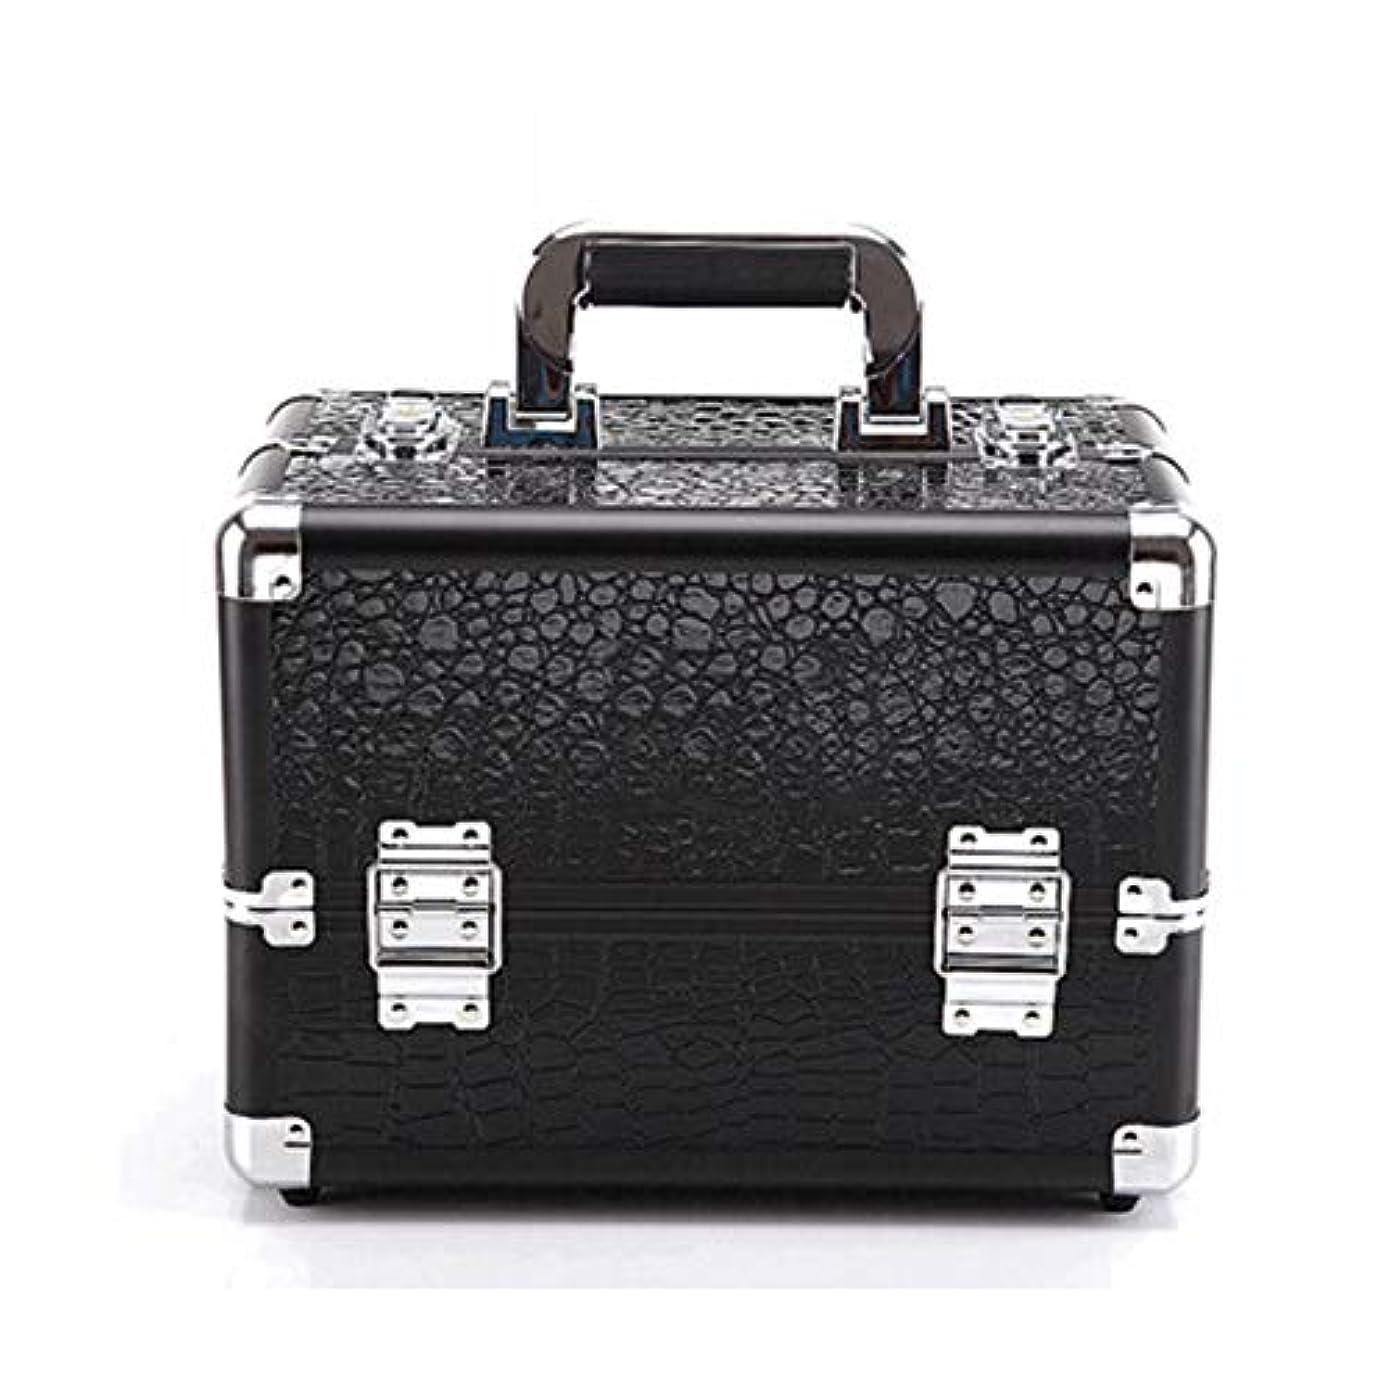 スクリューハミングバード櫛特大スペース収納ビューティーボックス 化粧トレインボックス化粧品収納ボックスは4トレイとブラシホルダーラブモードヘビーメタルショルダーストラップ(ピンク、レッド、ブラック)をロックすることができます 化粧品化粧台 (色 : Black(M))